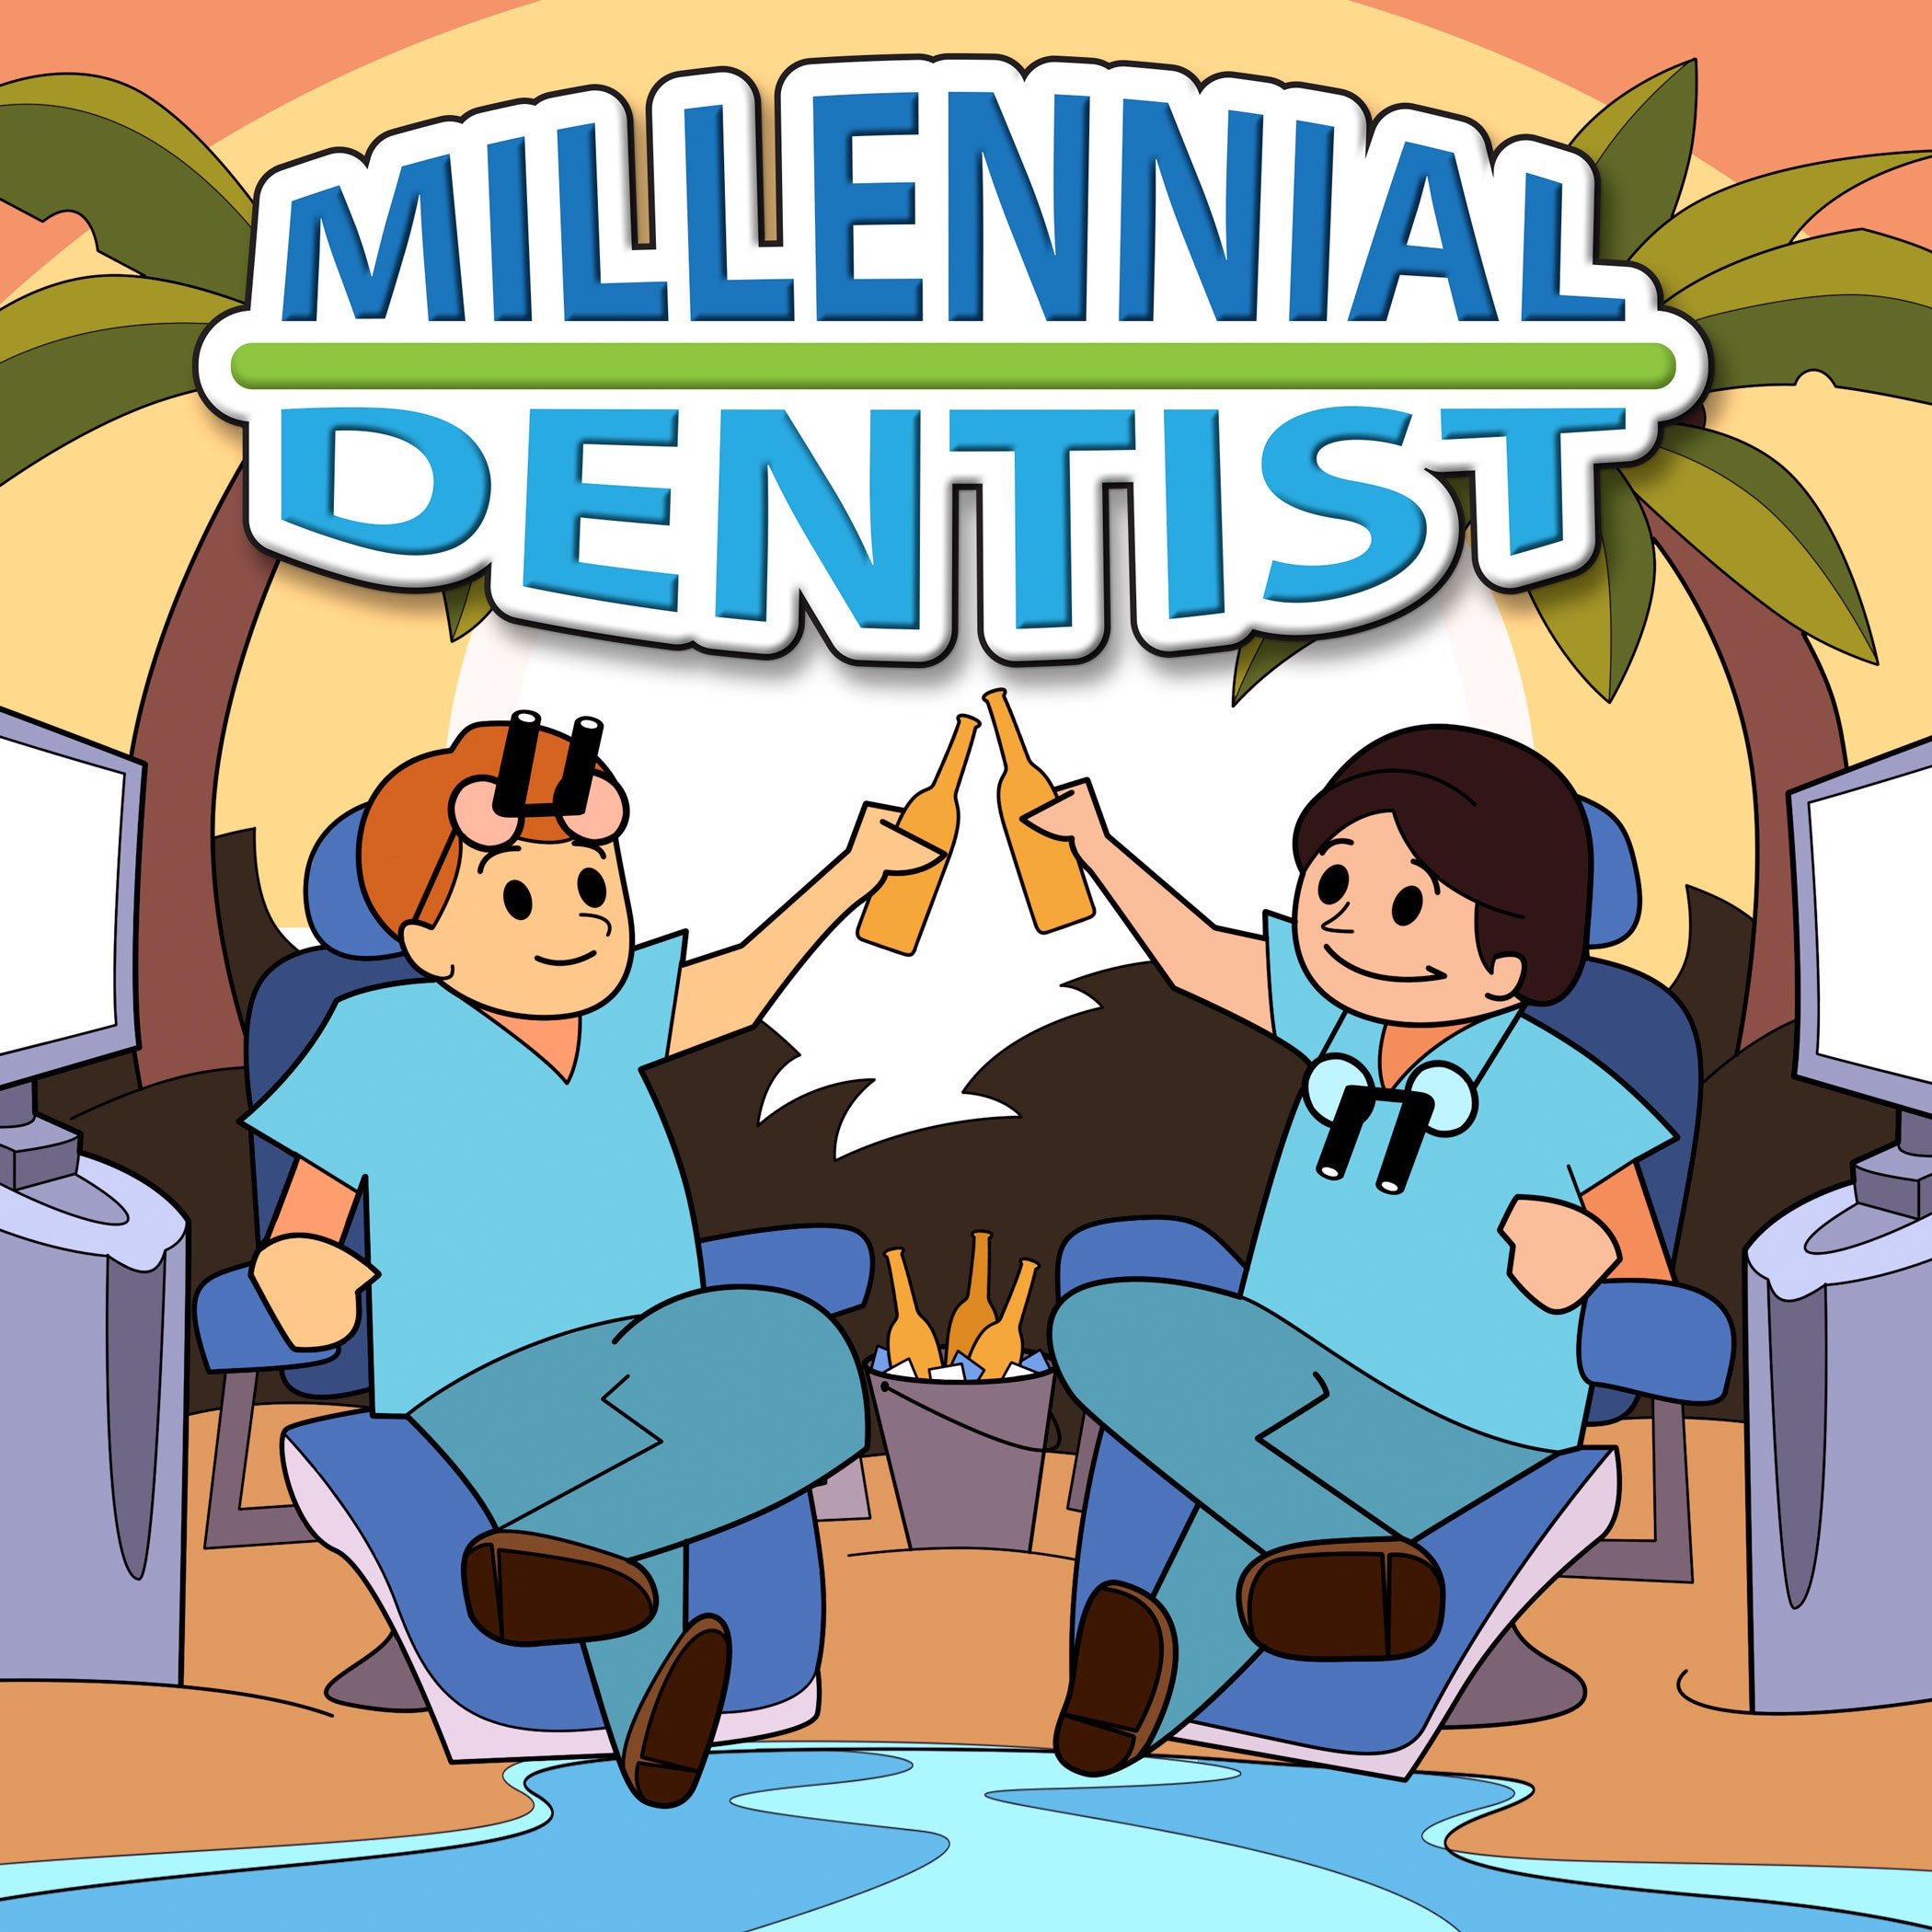 The Millennial Dentist show art